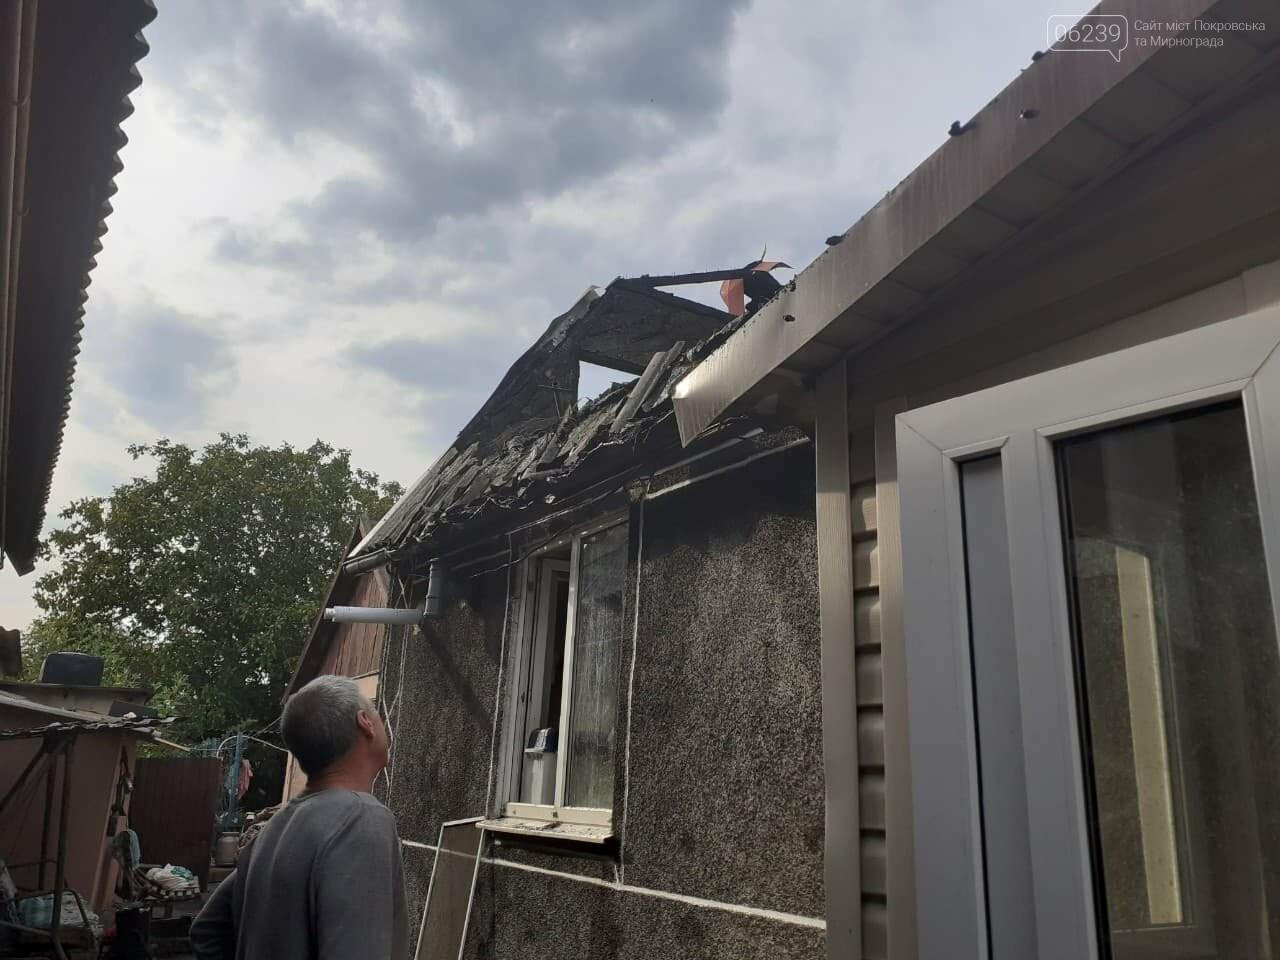 Остались без крыши над головой: в Покровске горел жилой дом (ФОТО), фото-4